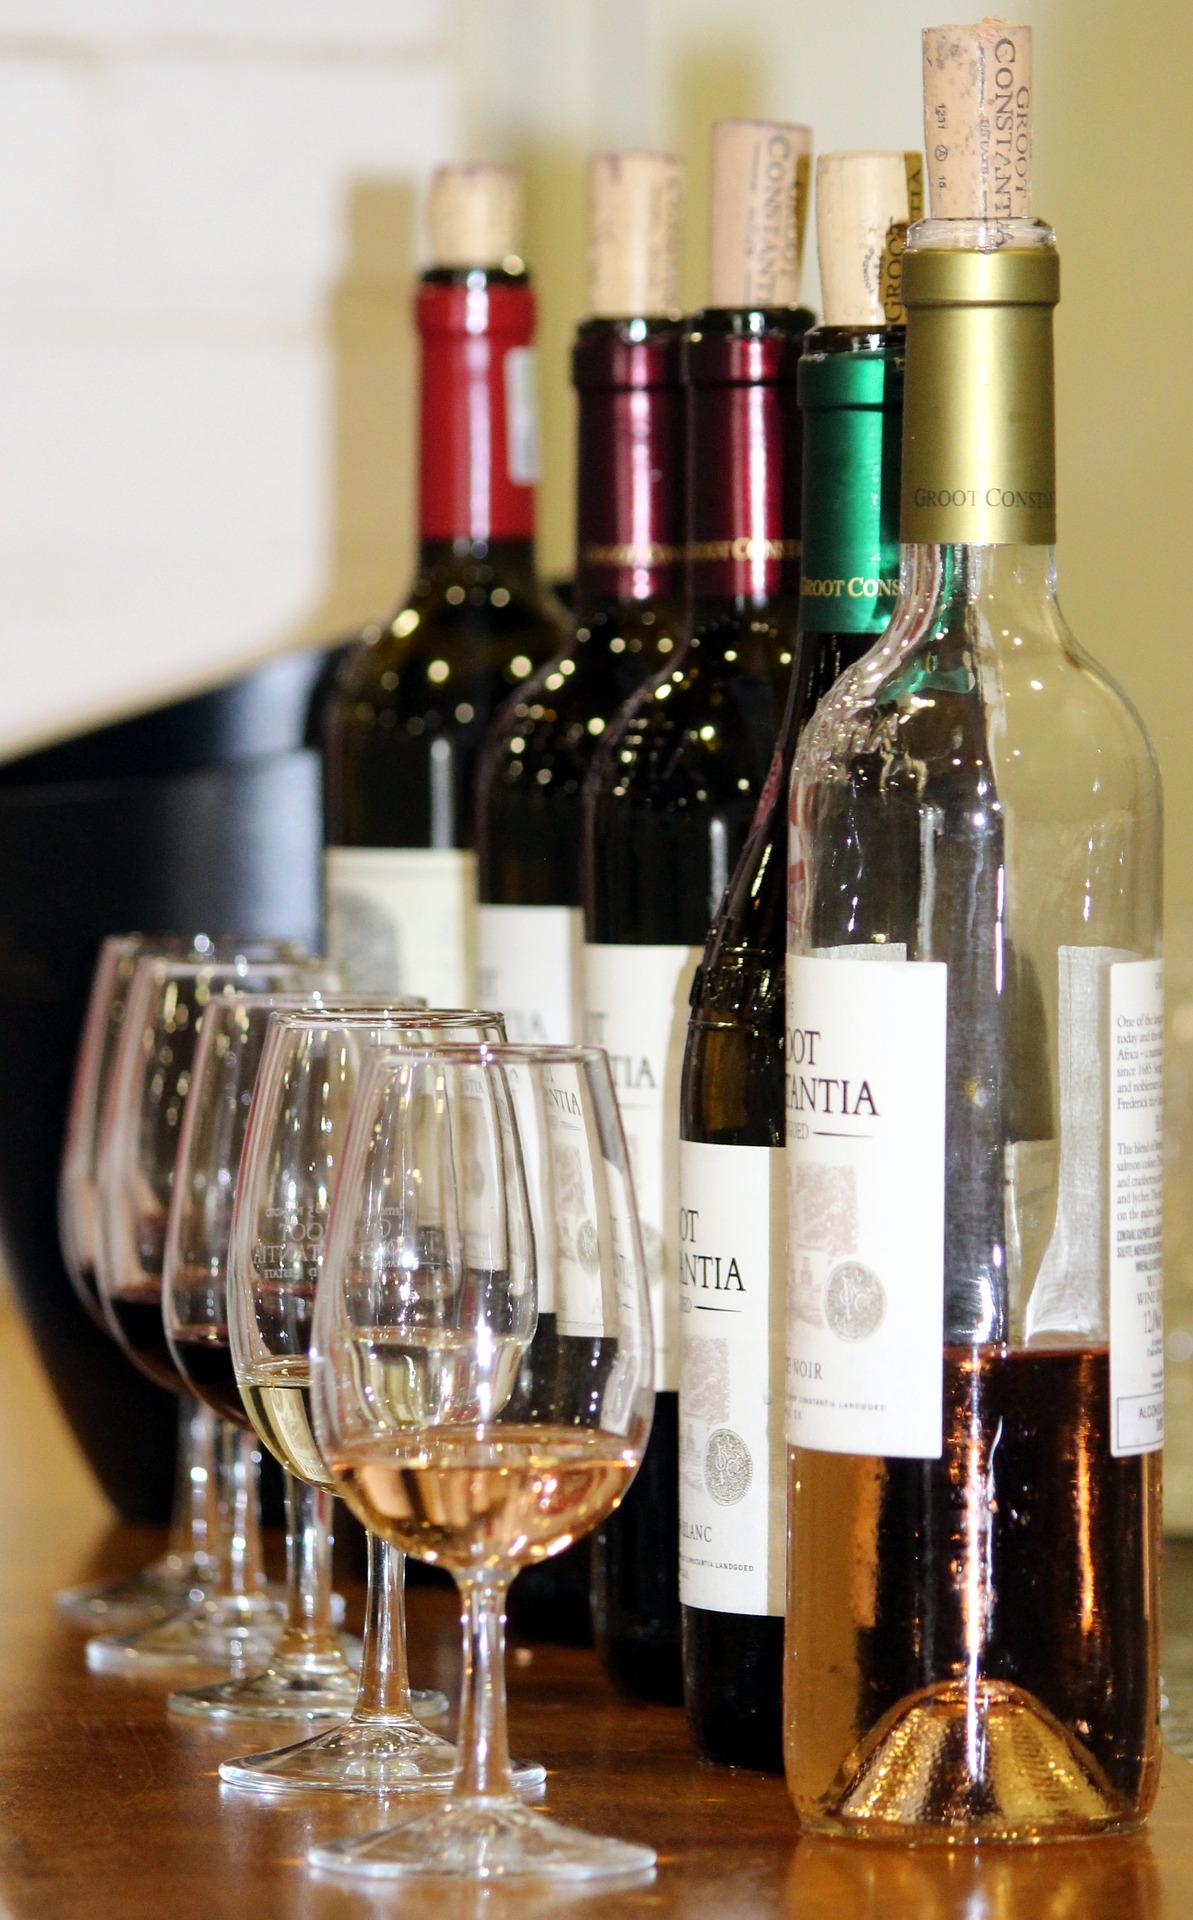 Scottsdale wine tasting